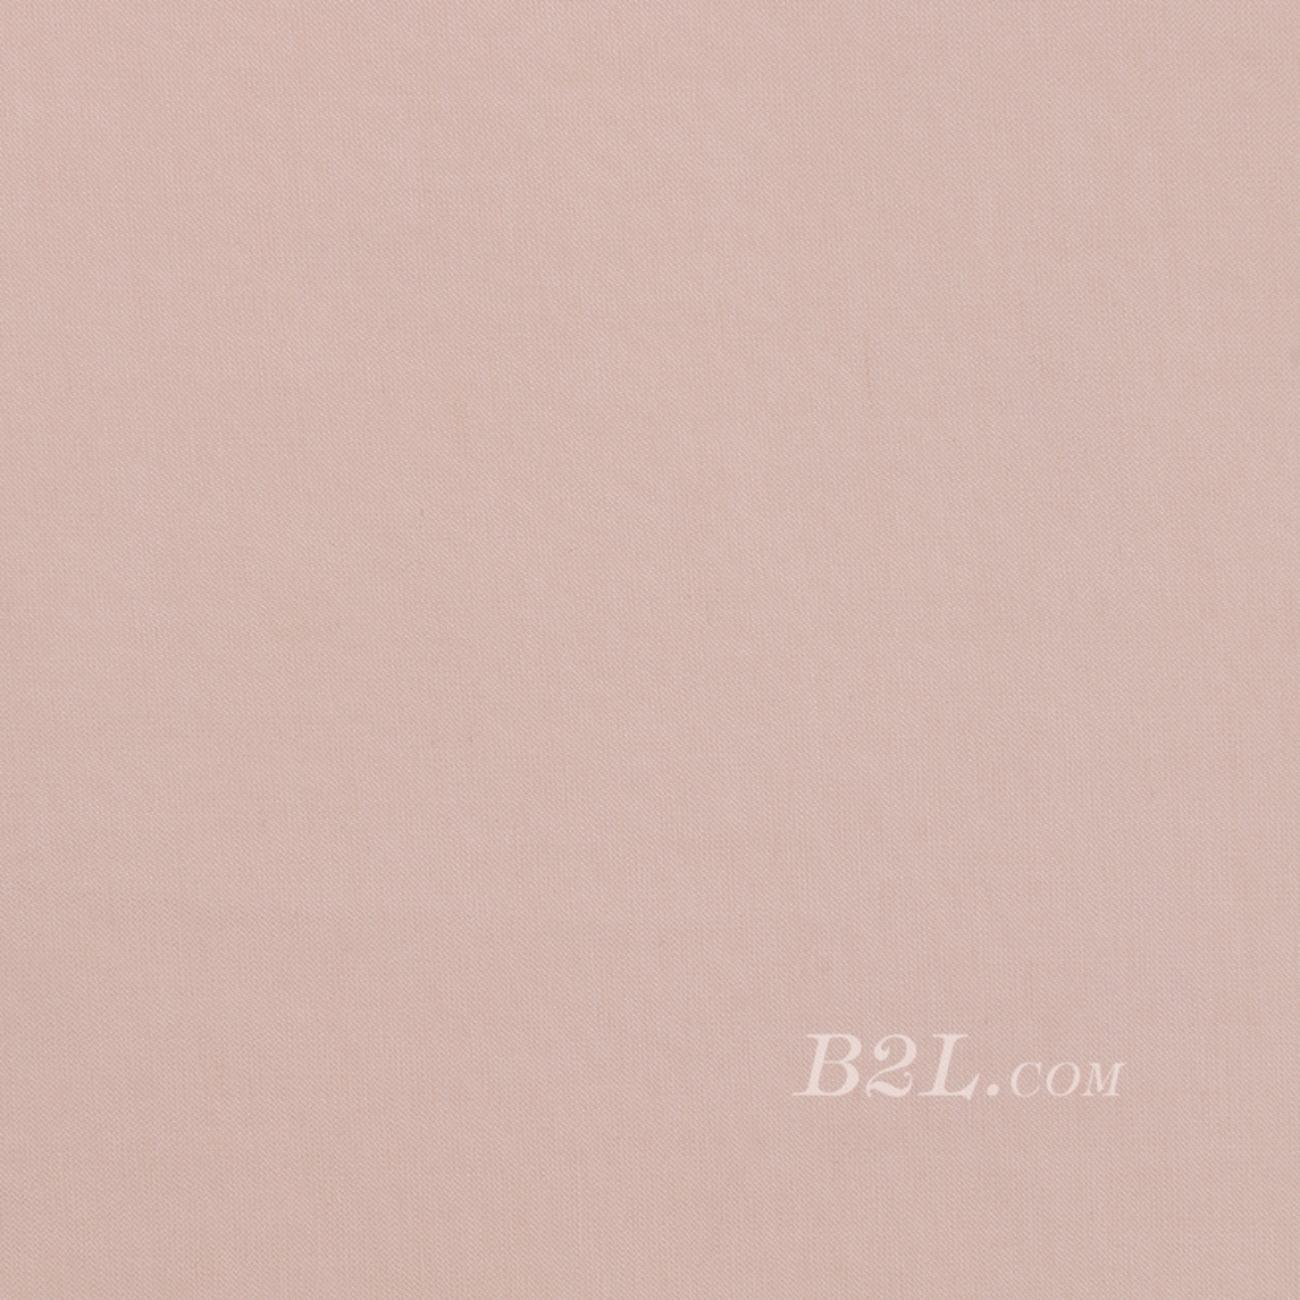 平纹梭织素色染色连衣裙 短裙 衬衫 无弹 春 秋 柔软 破卡 70724-11